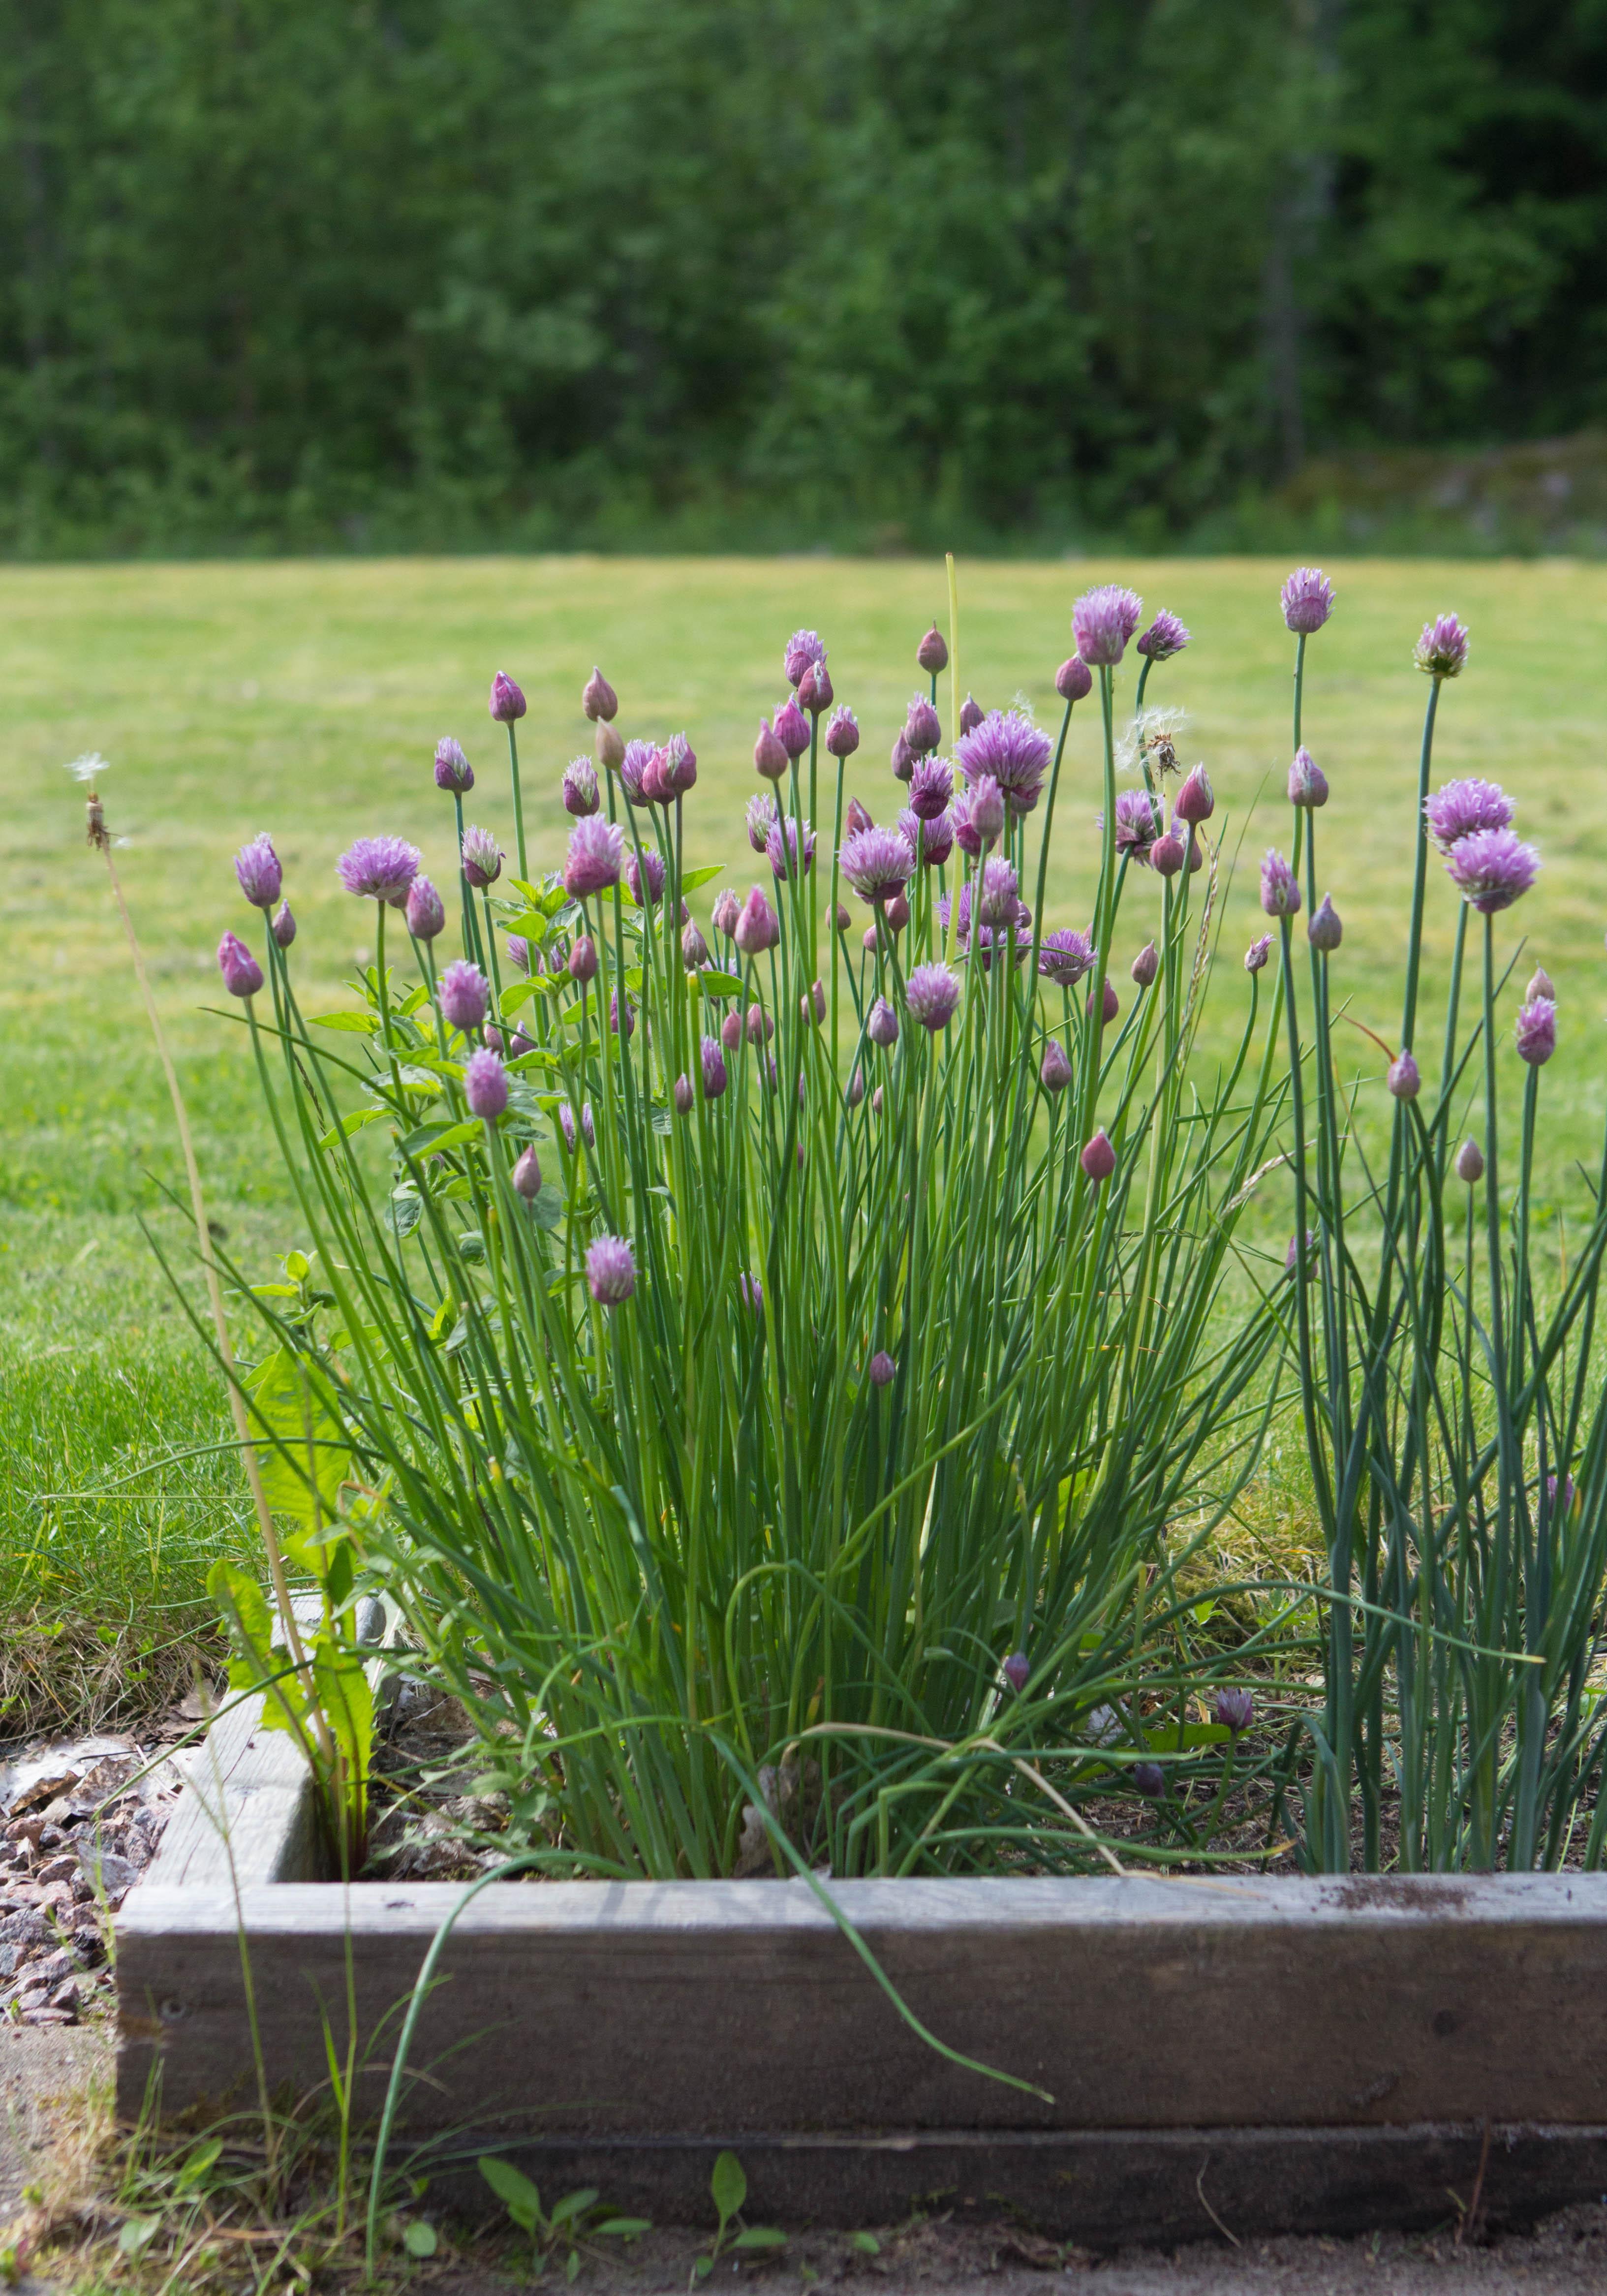 Gräslöksplantor framför en gräsmatta.